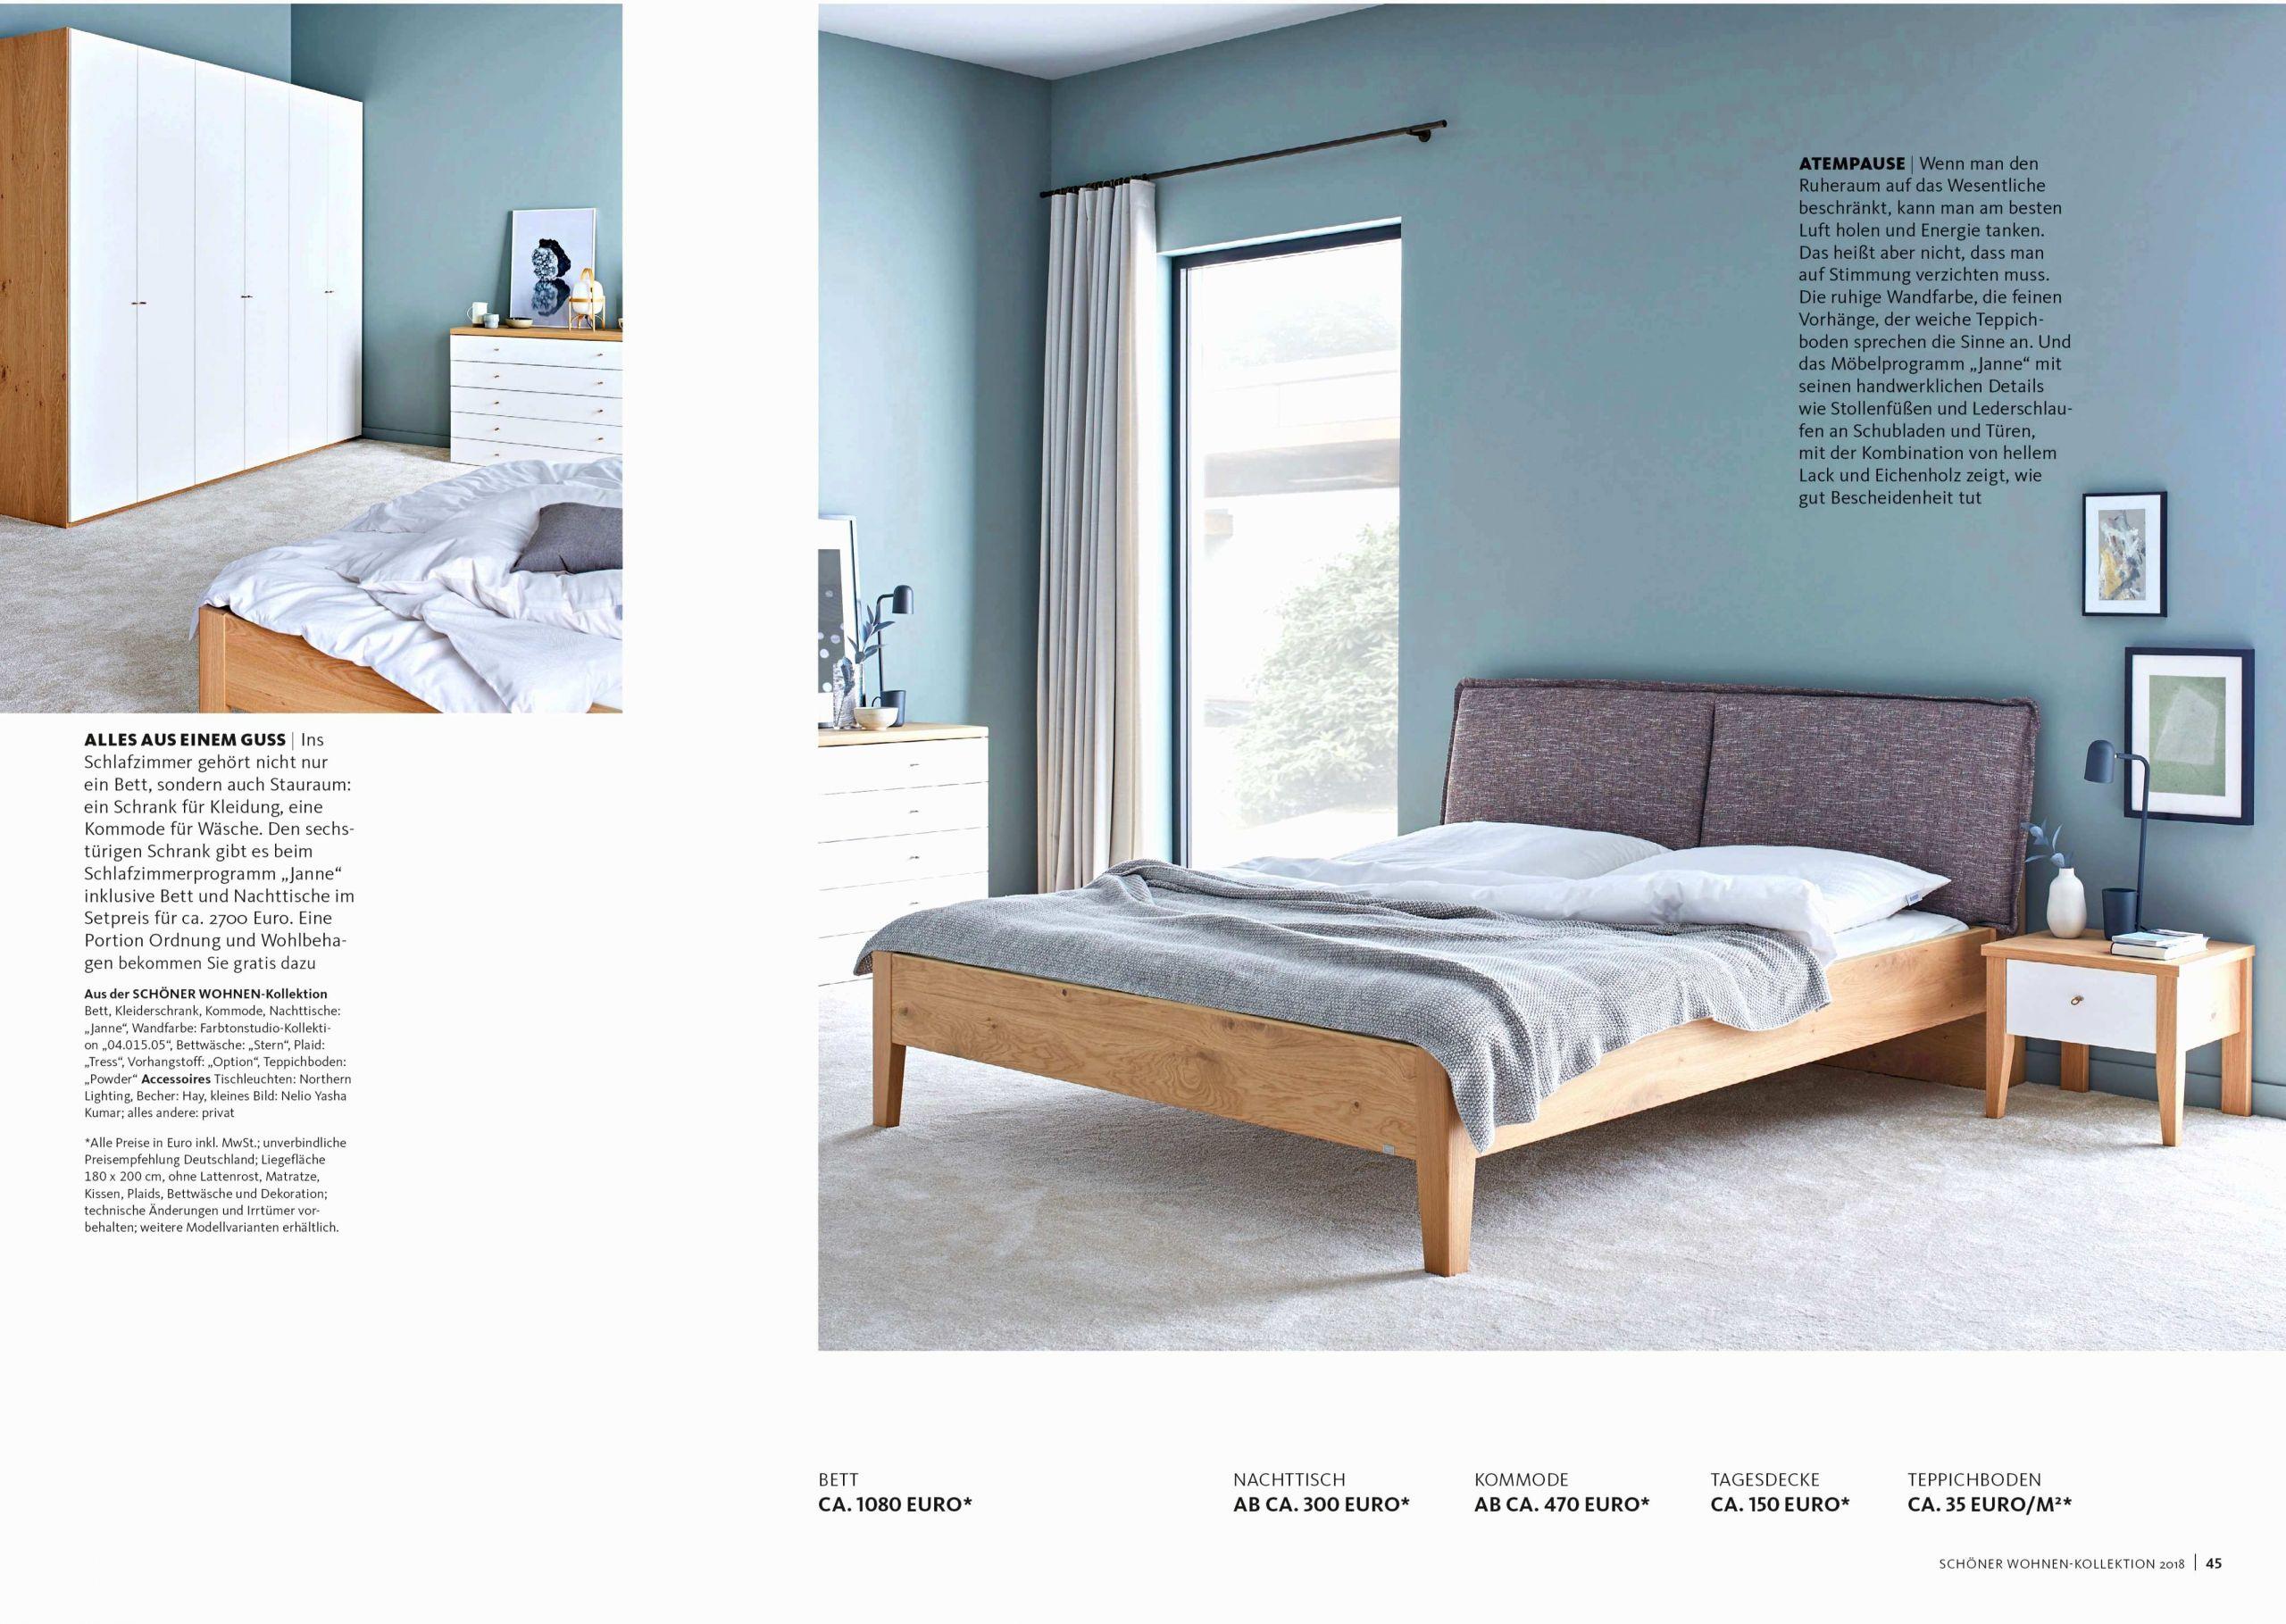 44 bild bild von deko ideen selbermachen wohnzimmer planen von wanddeko wohnzimmer selber machen of wanddeko wohnzimmer selber machen